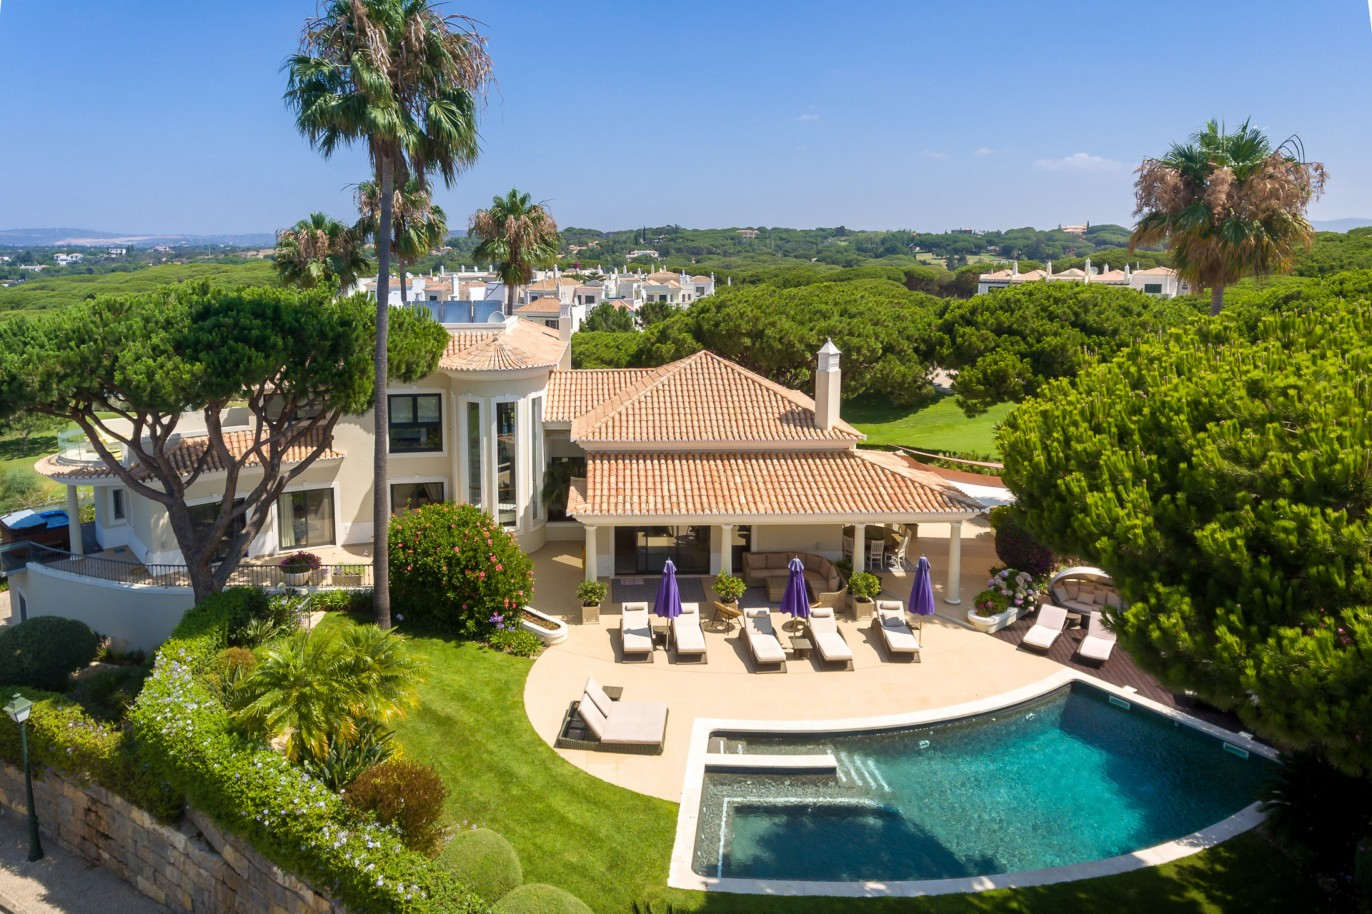 sale-of-villa-with-golf-view-in-vale-do-lobo-algarve-portugal